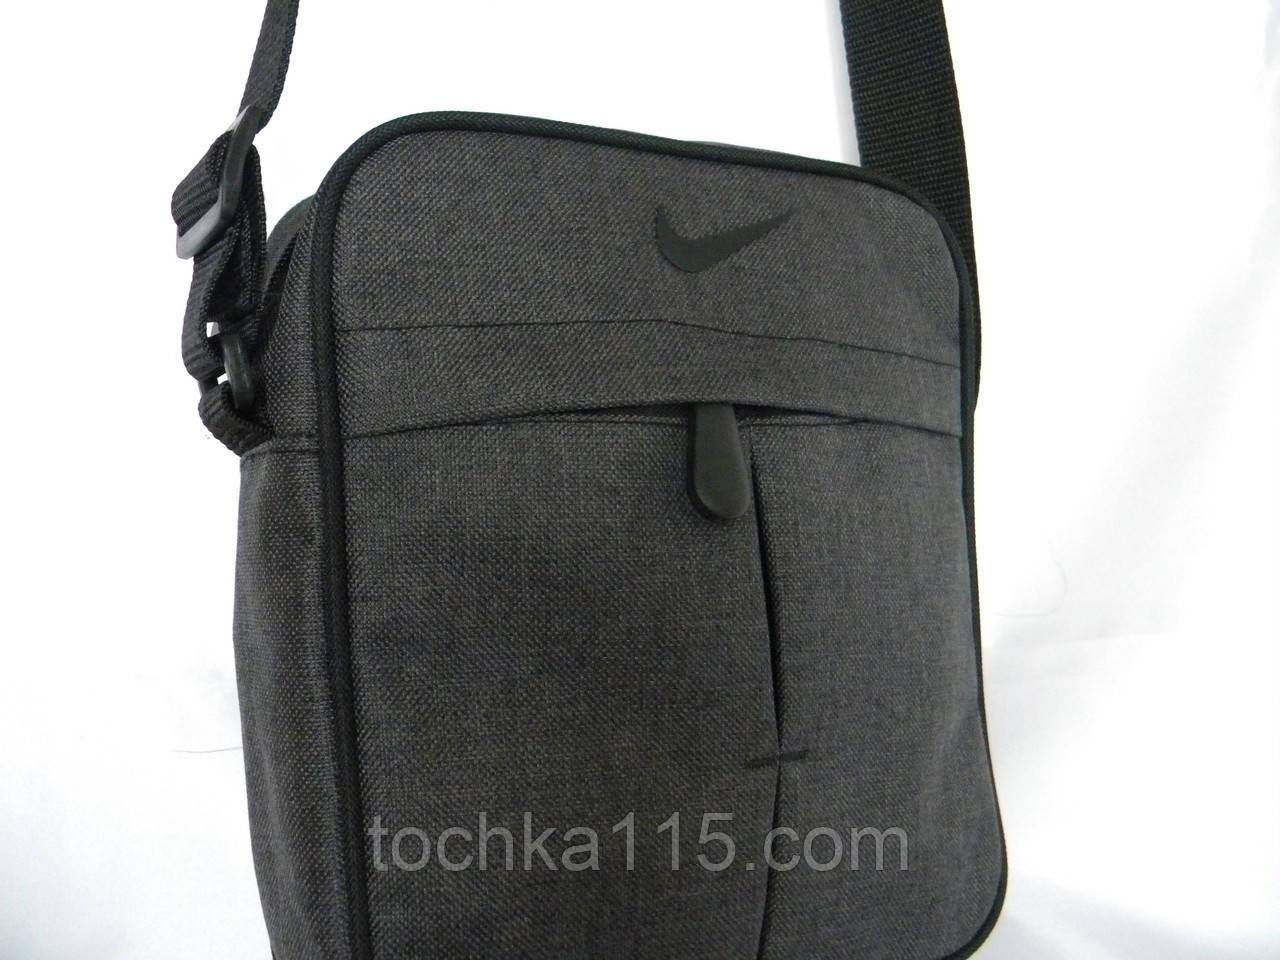 e0b1d3b919d2 ... Прочная сумка через плече Nike, сумка на плече найк, сумка найк мужская  реплика, ...